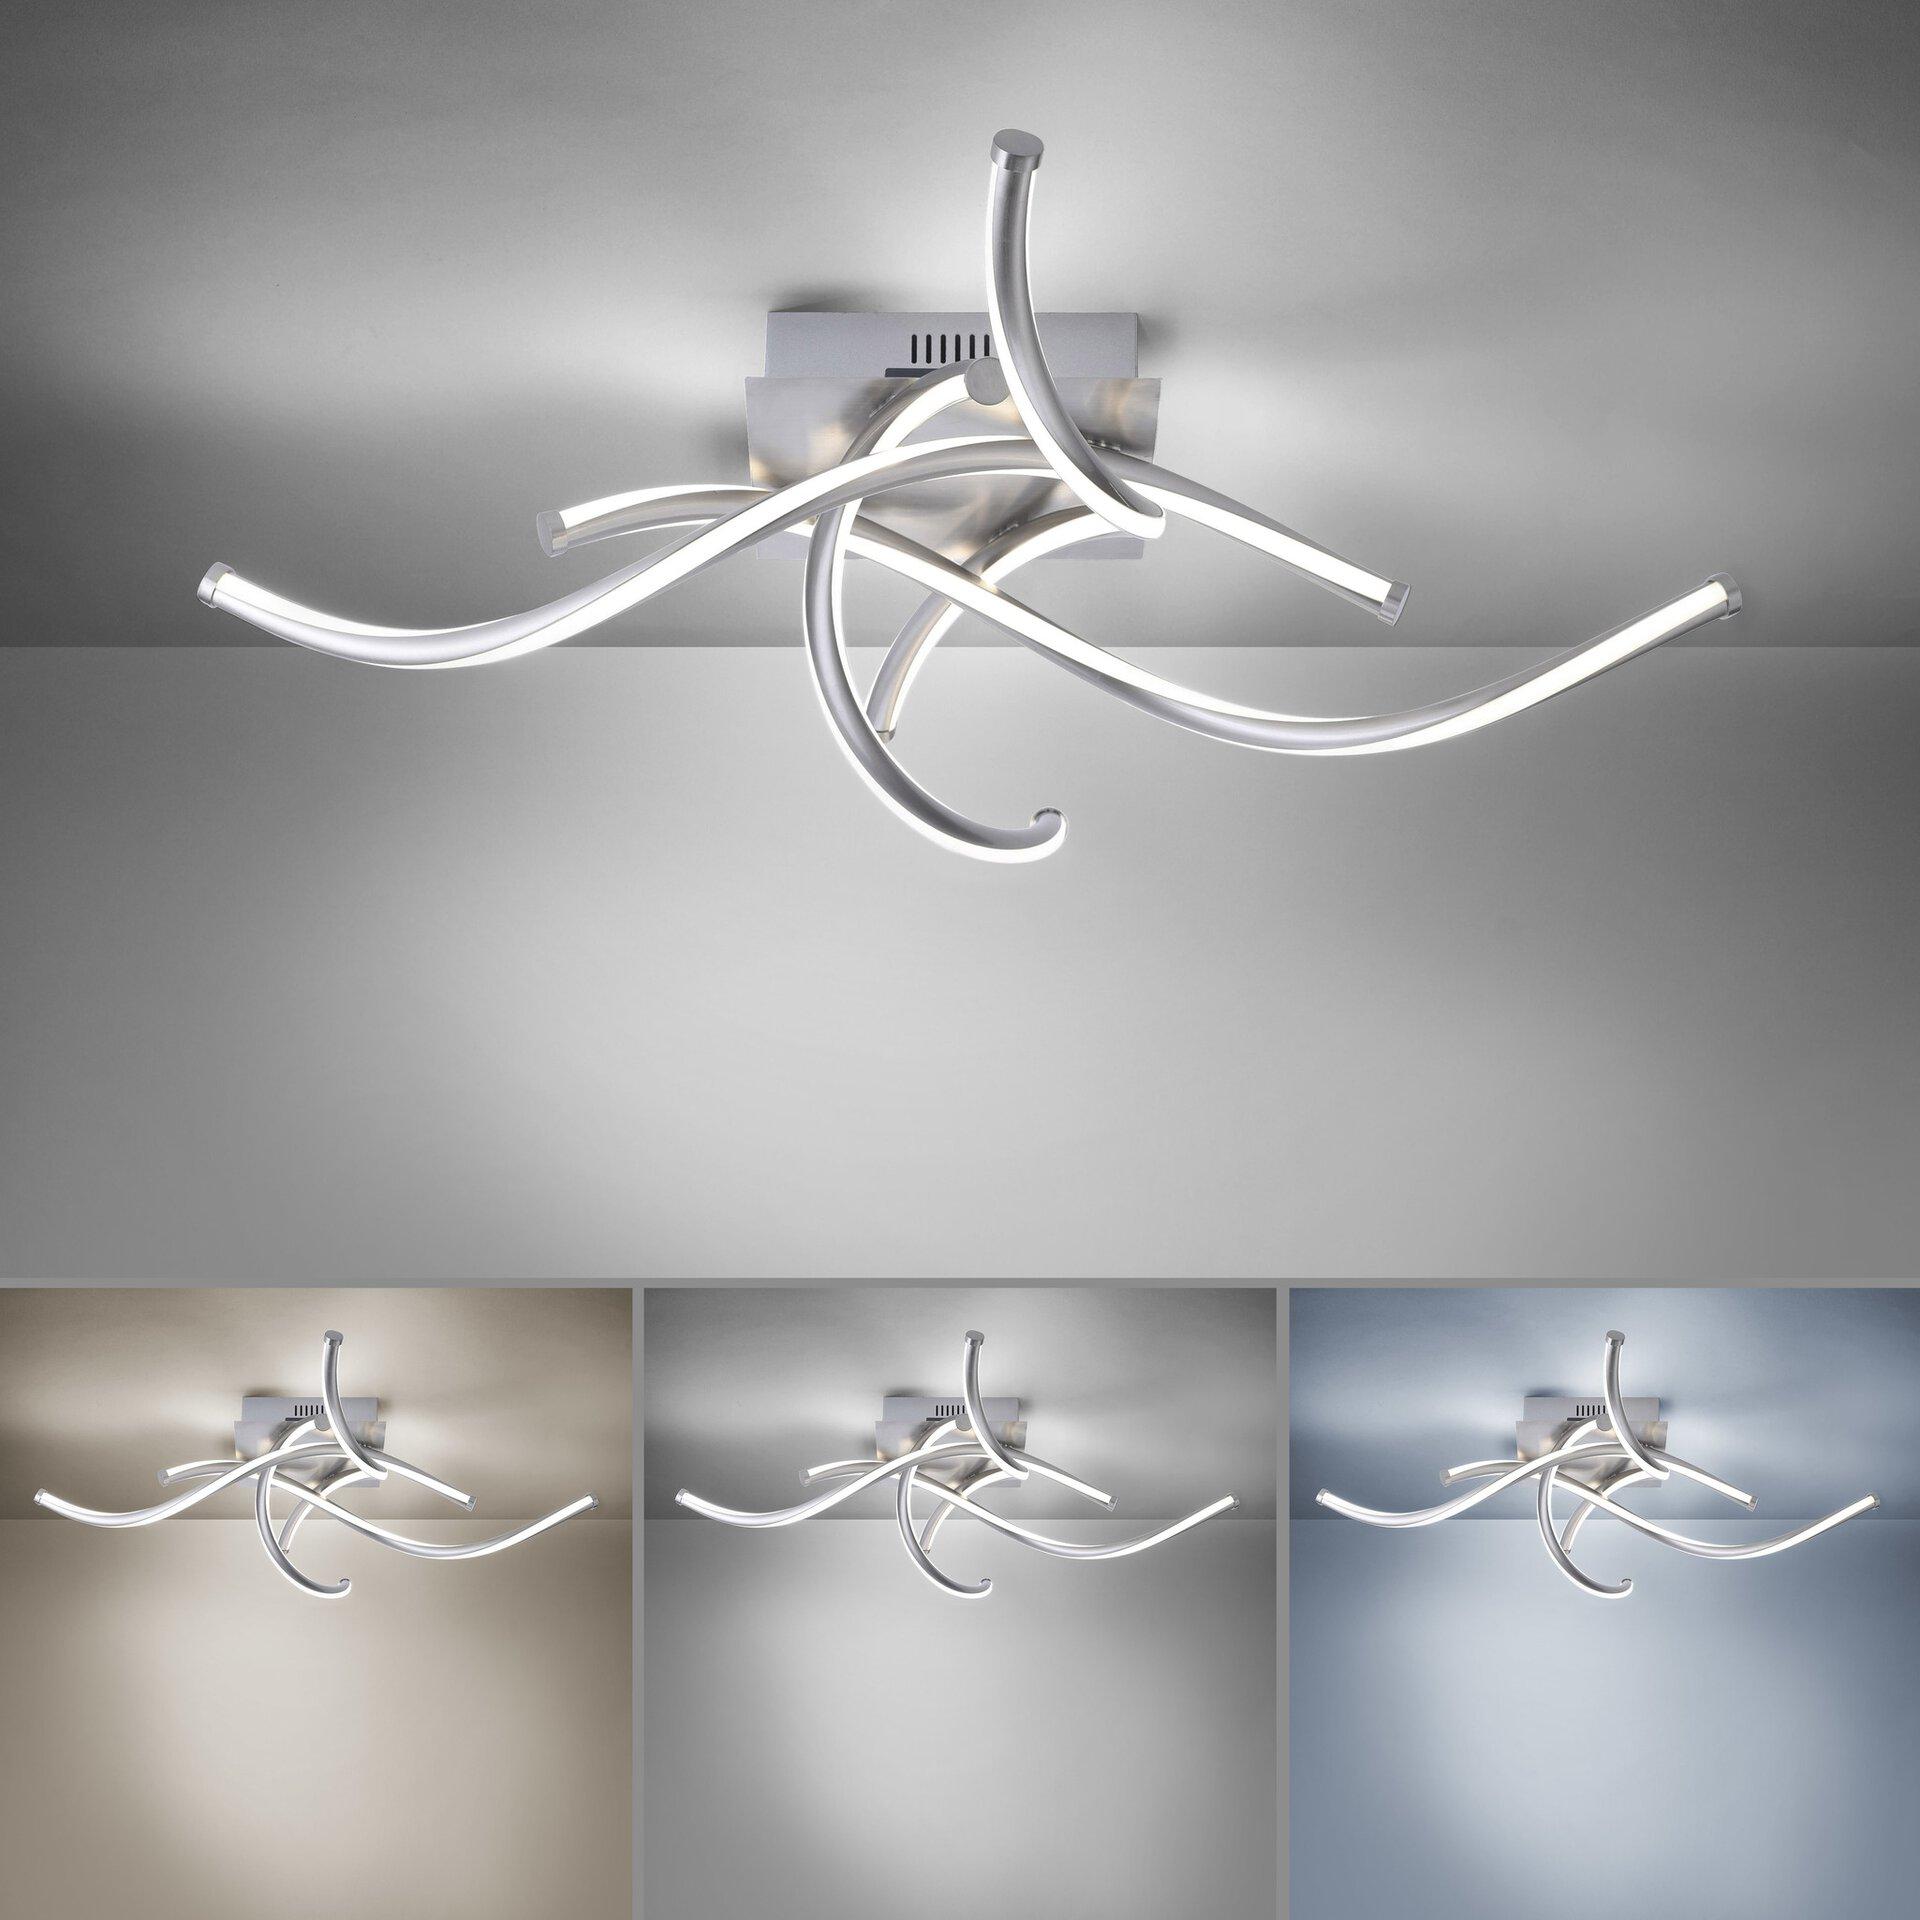 Smart-Home-Leuchten Q-MALINA Paul Neuhaus Metall silber 75 x 16 x 75 cm